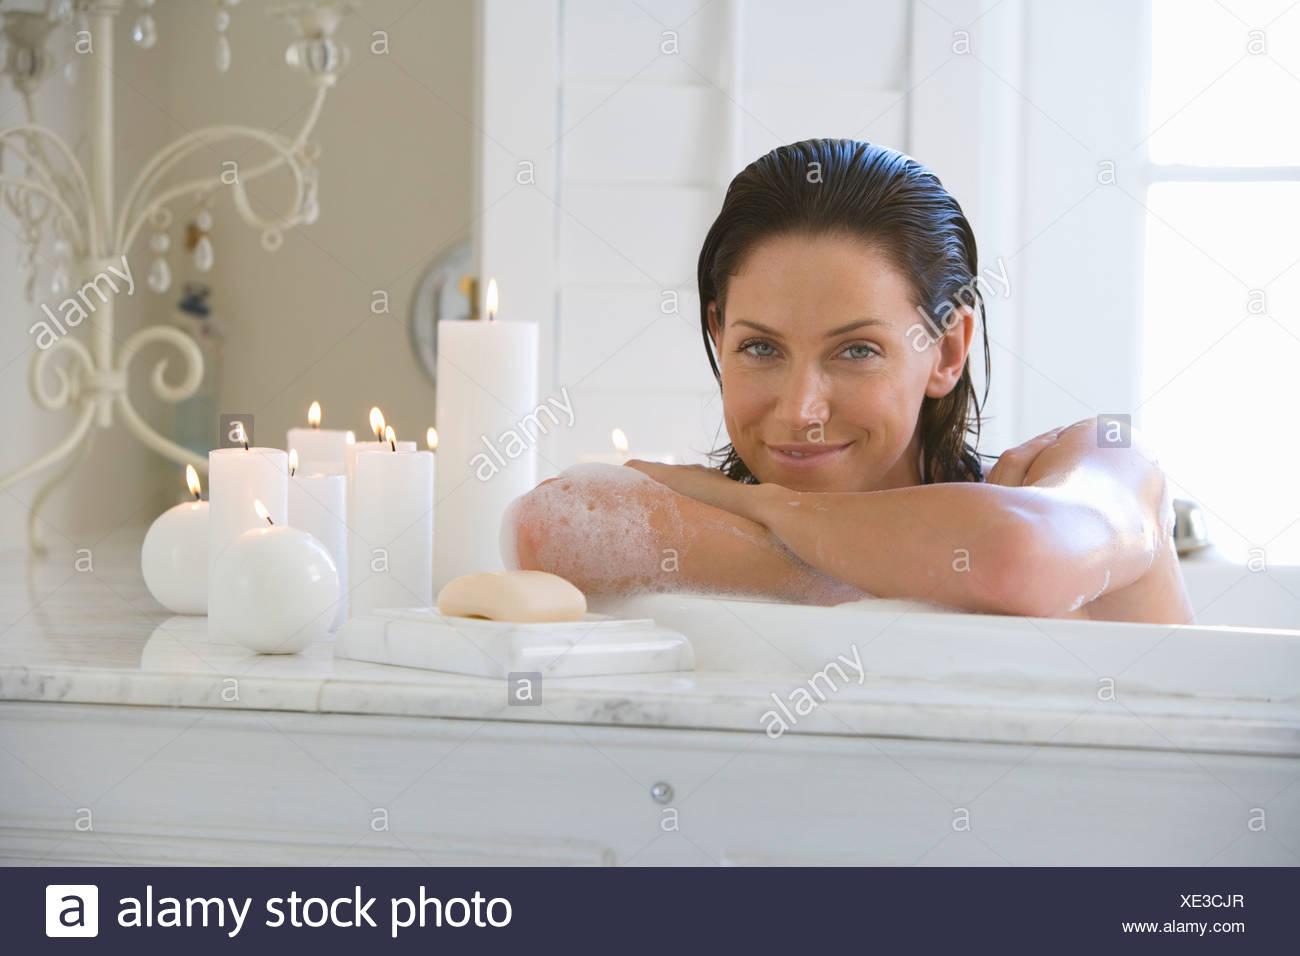 nude-woman-in-bubble-bath